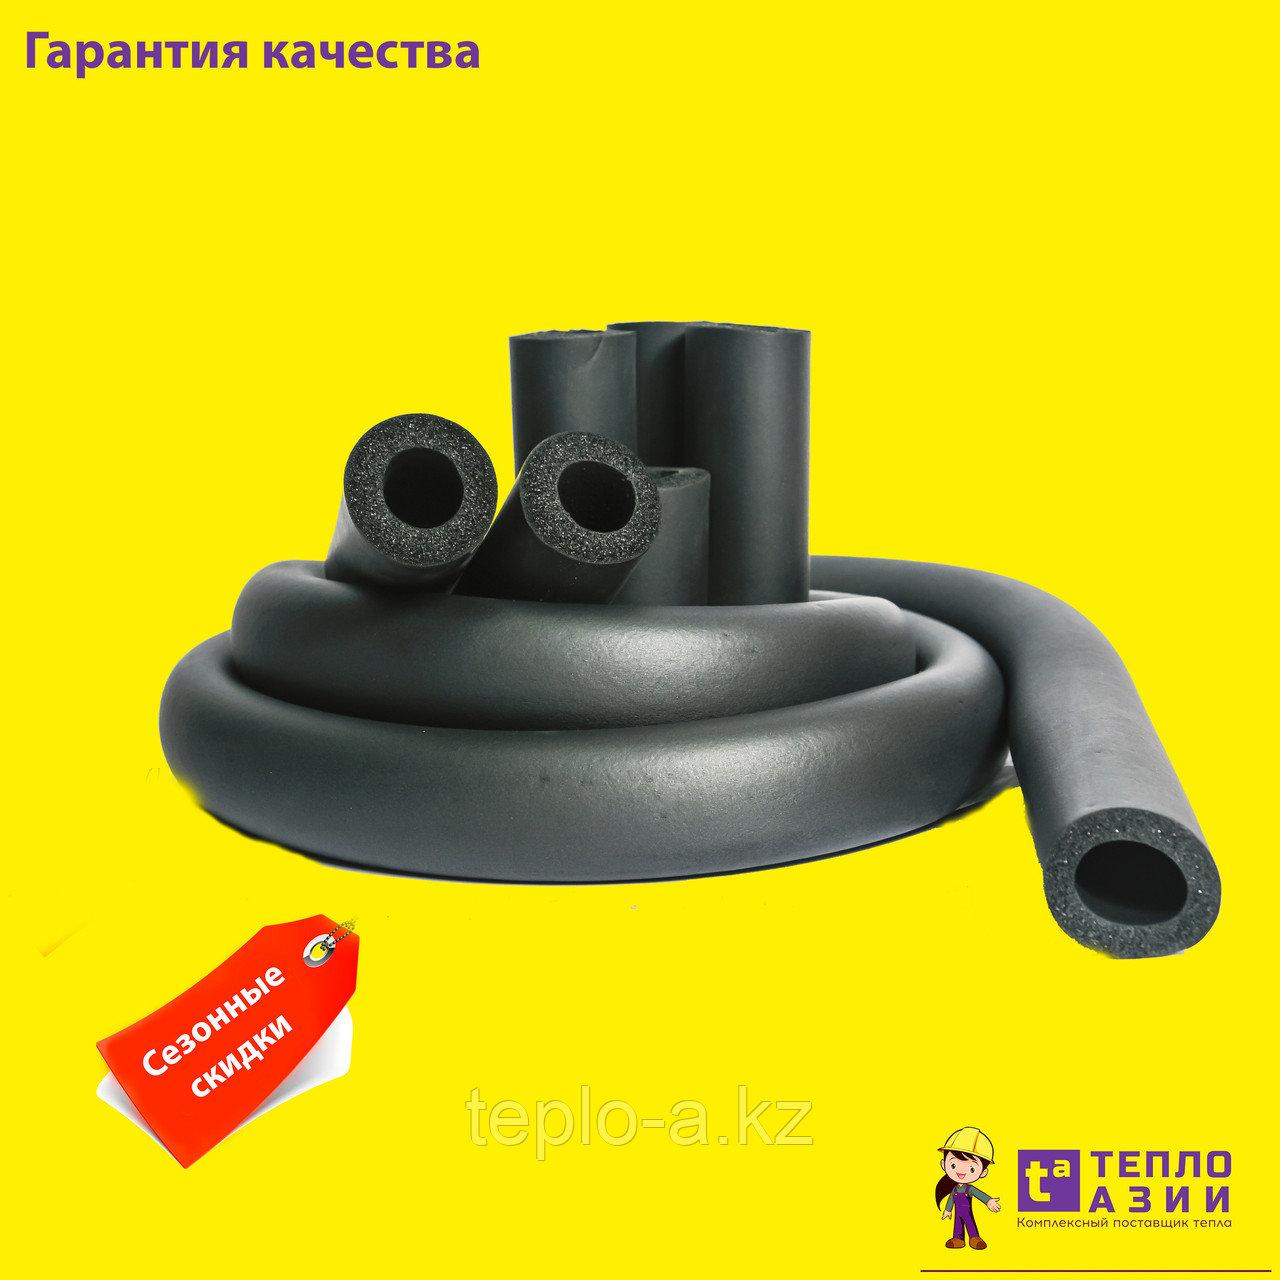 Каучуковая трубчатая изоляция Misot-Flex St  13 *35 mm.